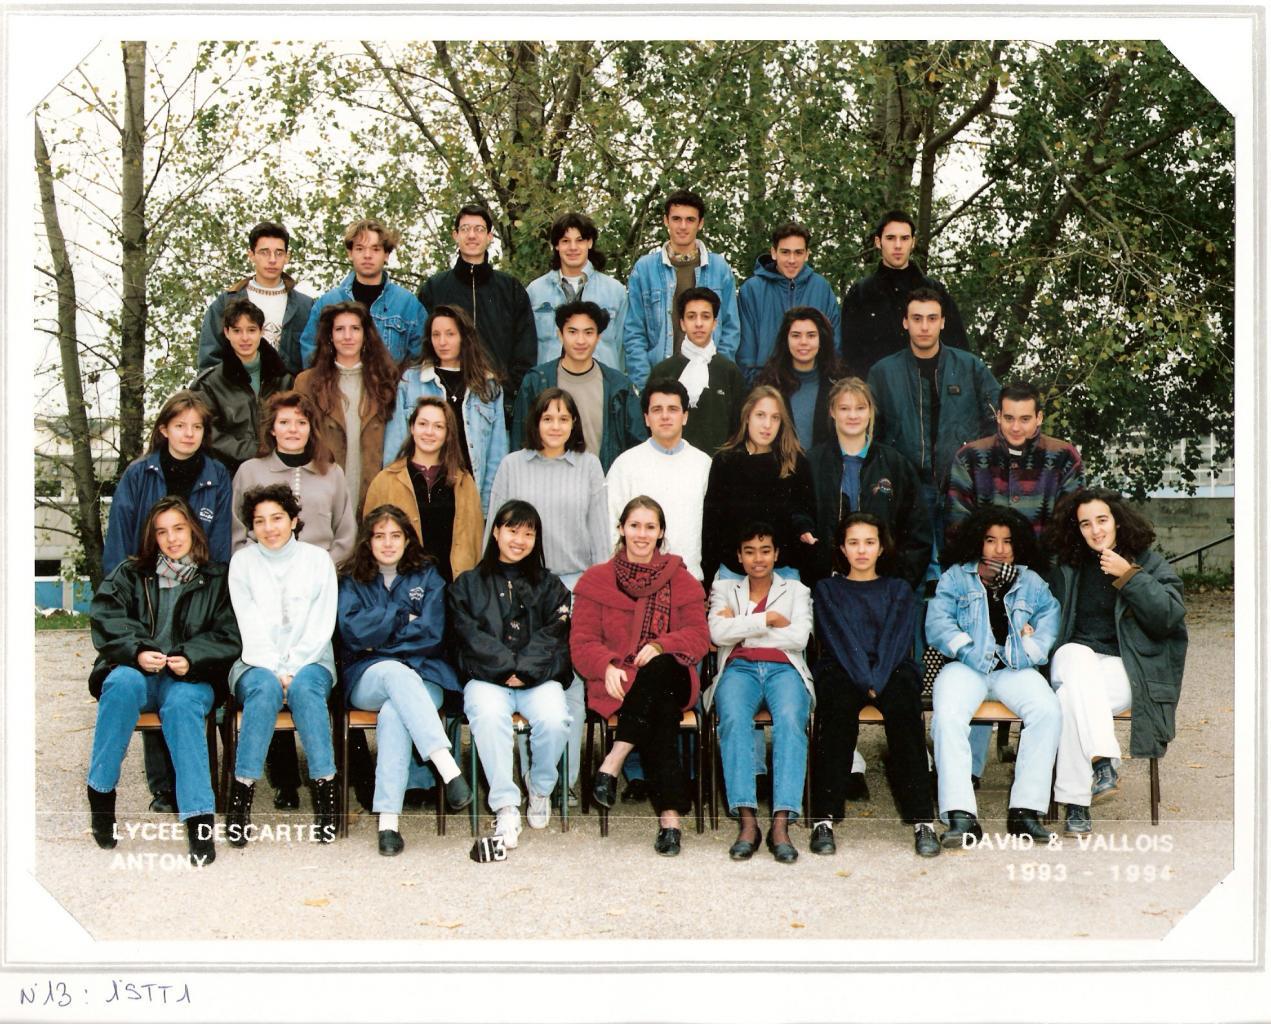 1994 - 1STT1